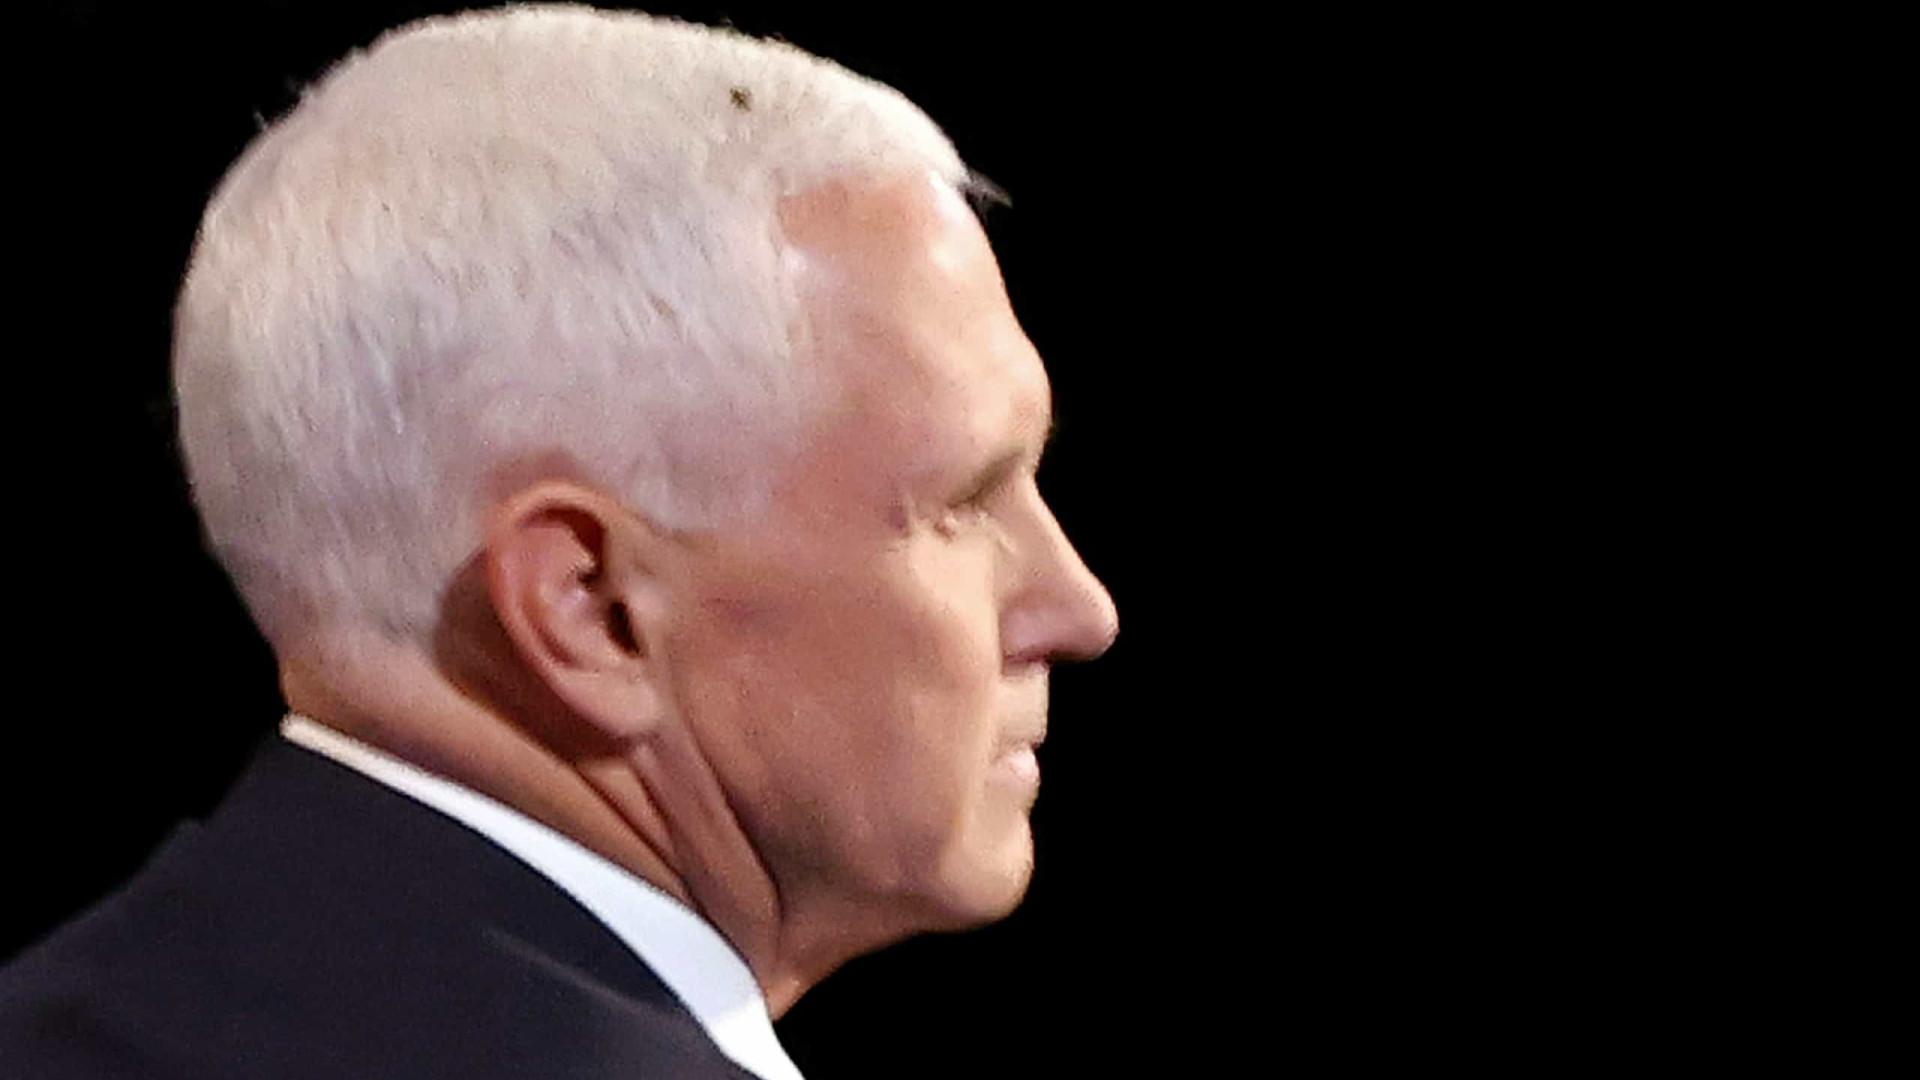 Mosca que pousou em Mike Pence tem página com 100 mil seguidores